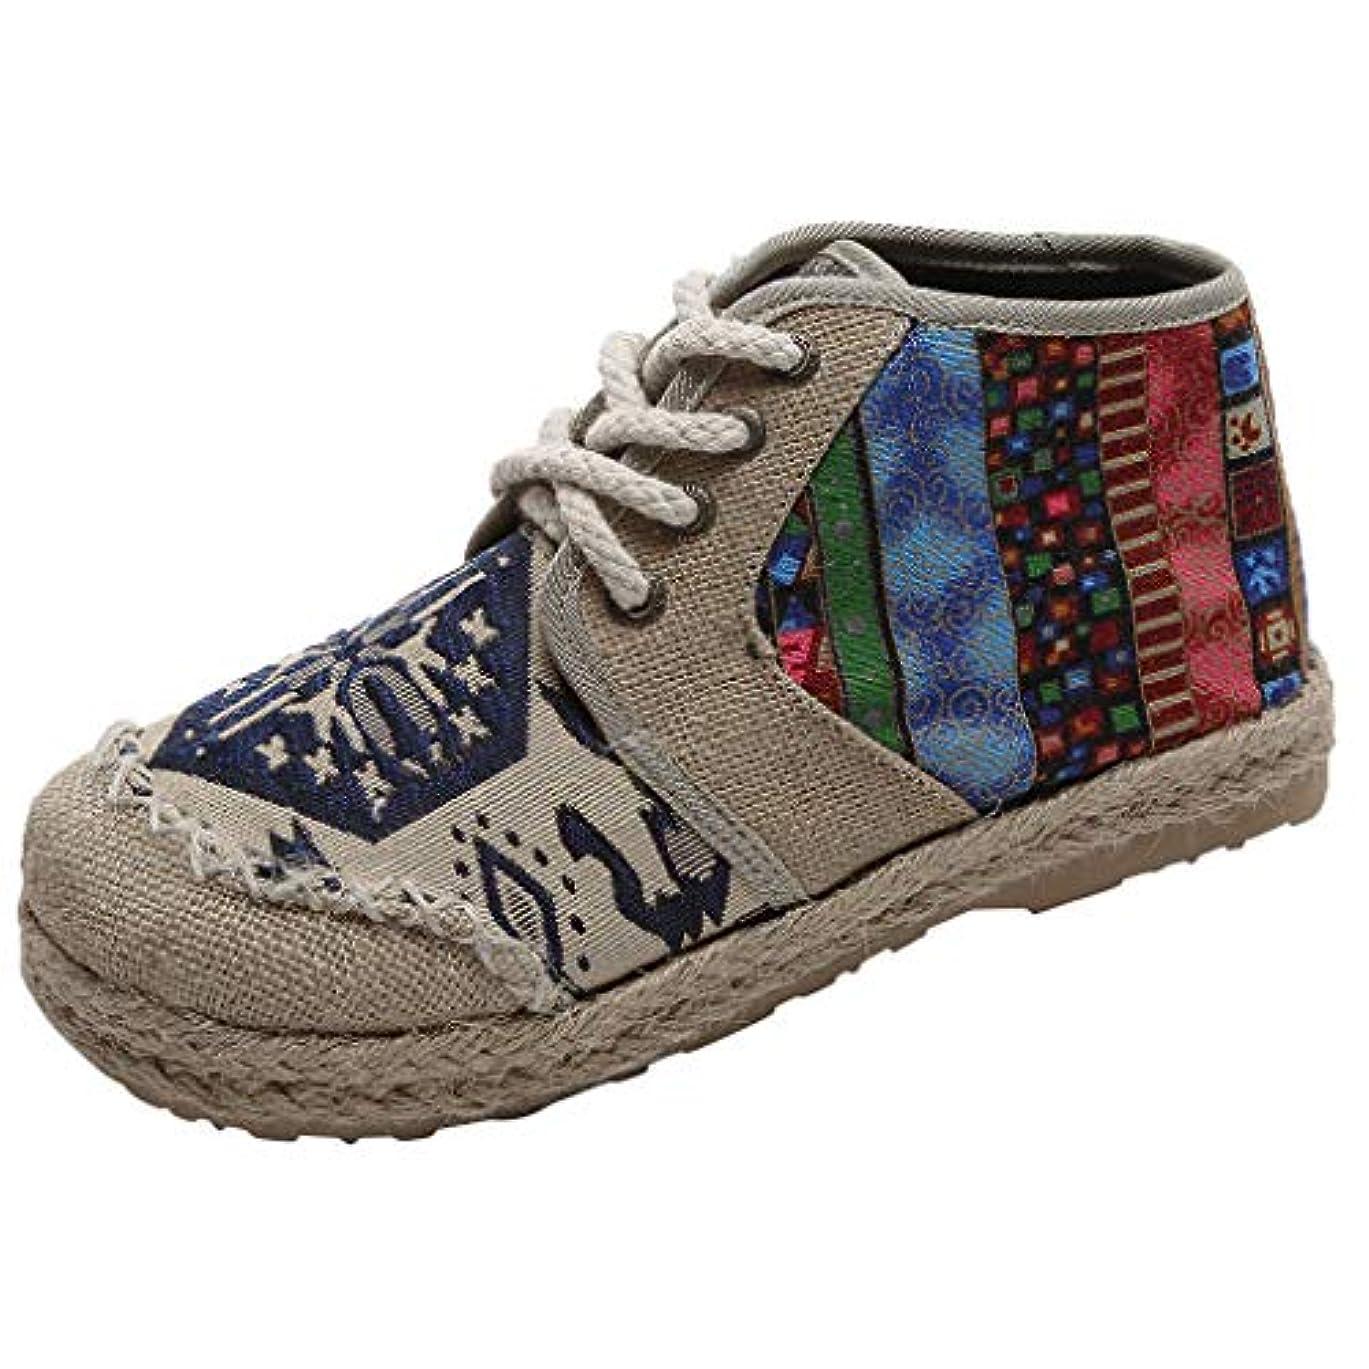 蒸発塊鉛筆[Sucute] 国立風の婦人靴 リネンレトロ 学生 カジュアル 大型 シングルシューズ 高い助け ファッショントレンド 海沿いの旅行に適しています (35-43)